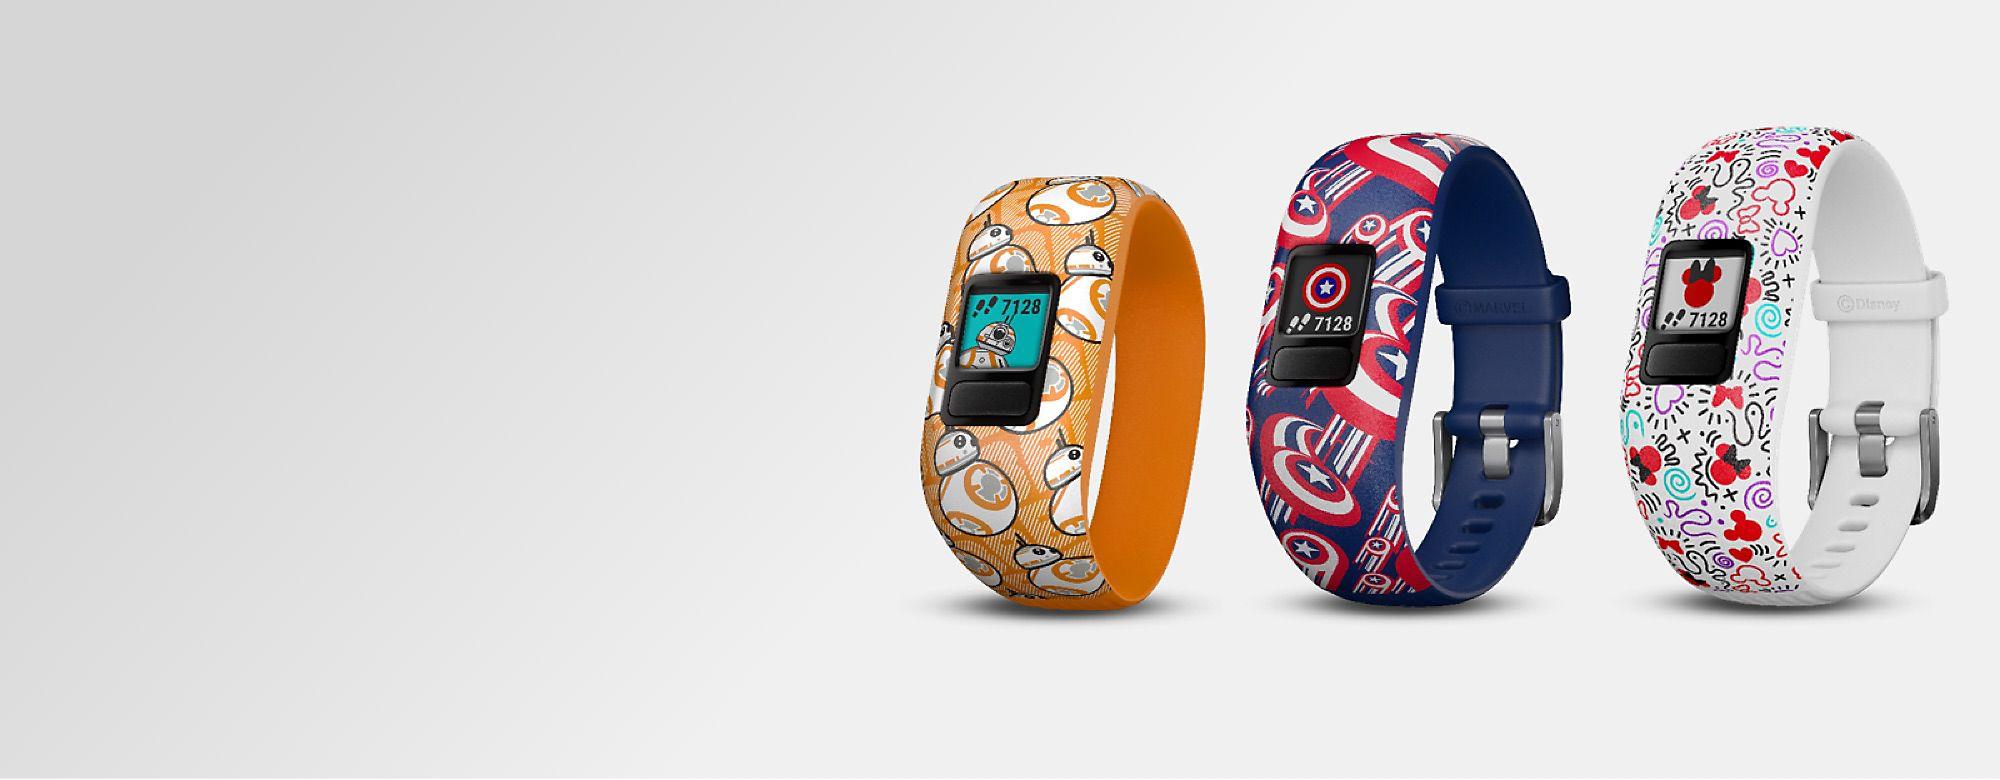 Garmin Lúcete con los relojes de Garmin en colaboración con Disney. Encuentra toda la variedad y hazte con tu favorito. DESCUBRIR MÁS